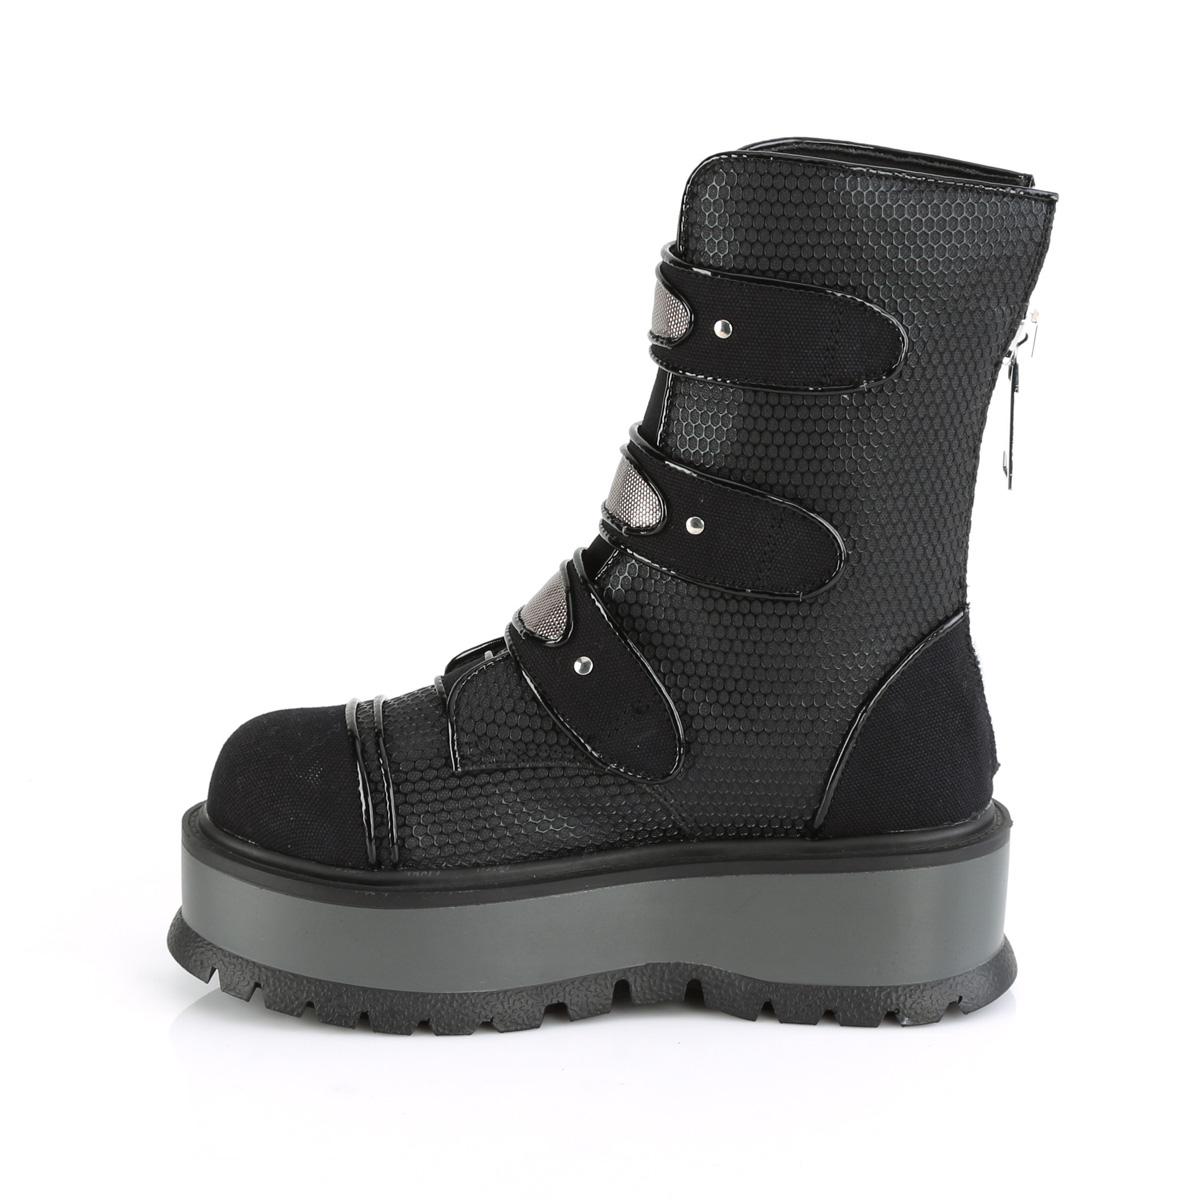 Demonia(デモニア) SLACKER-101 ミッドカーフブーツ バックジップ 合皮/キャンバス つや消し黒 ブラック◆取り寄せ